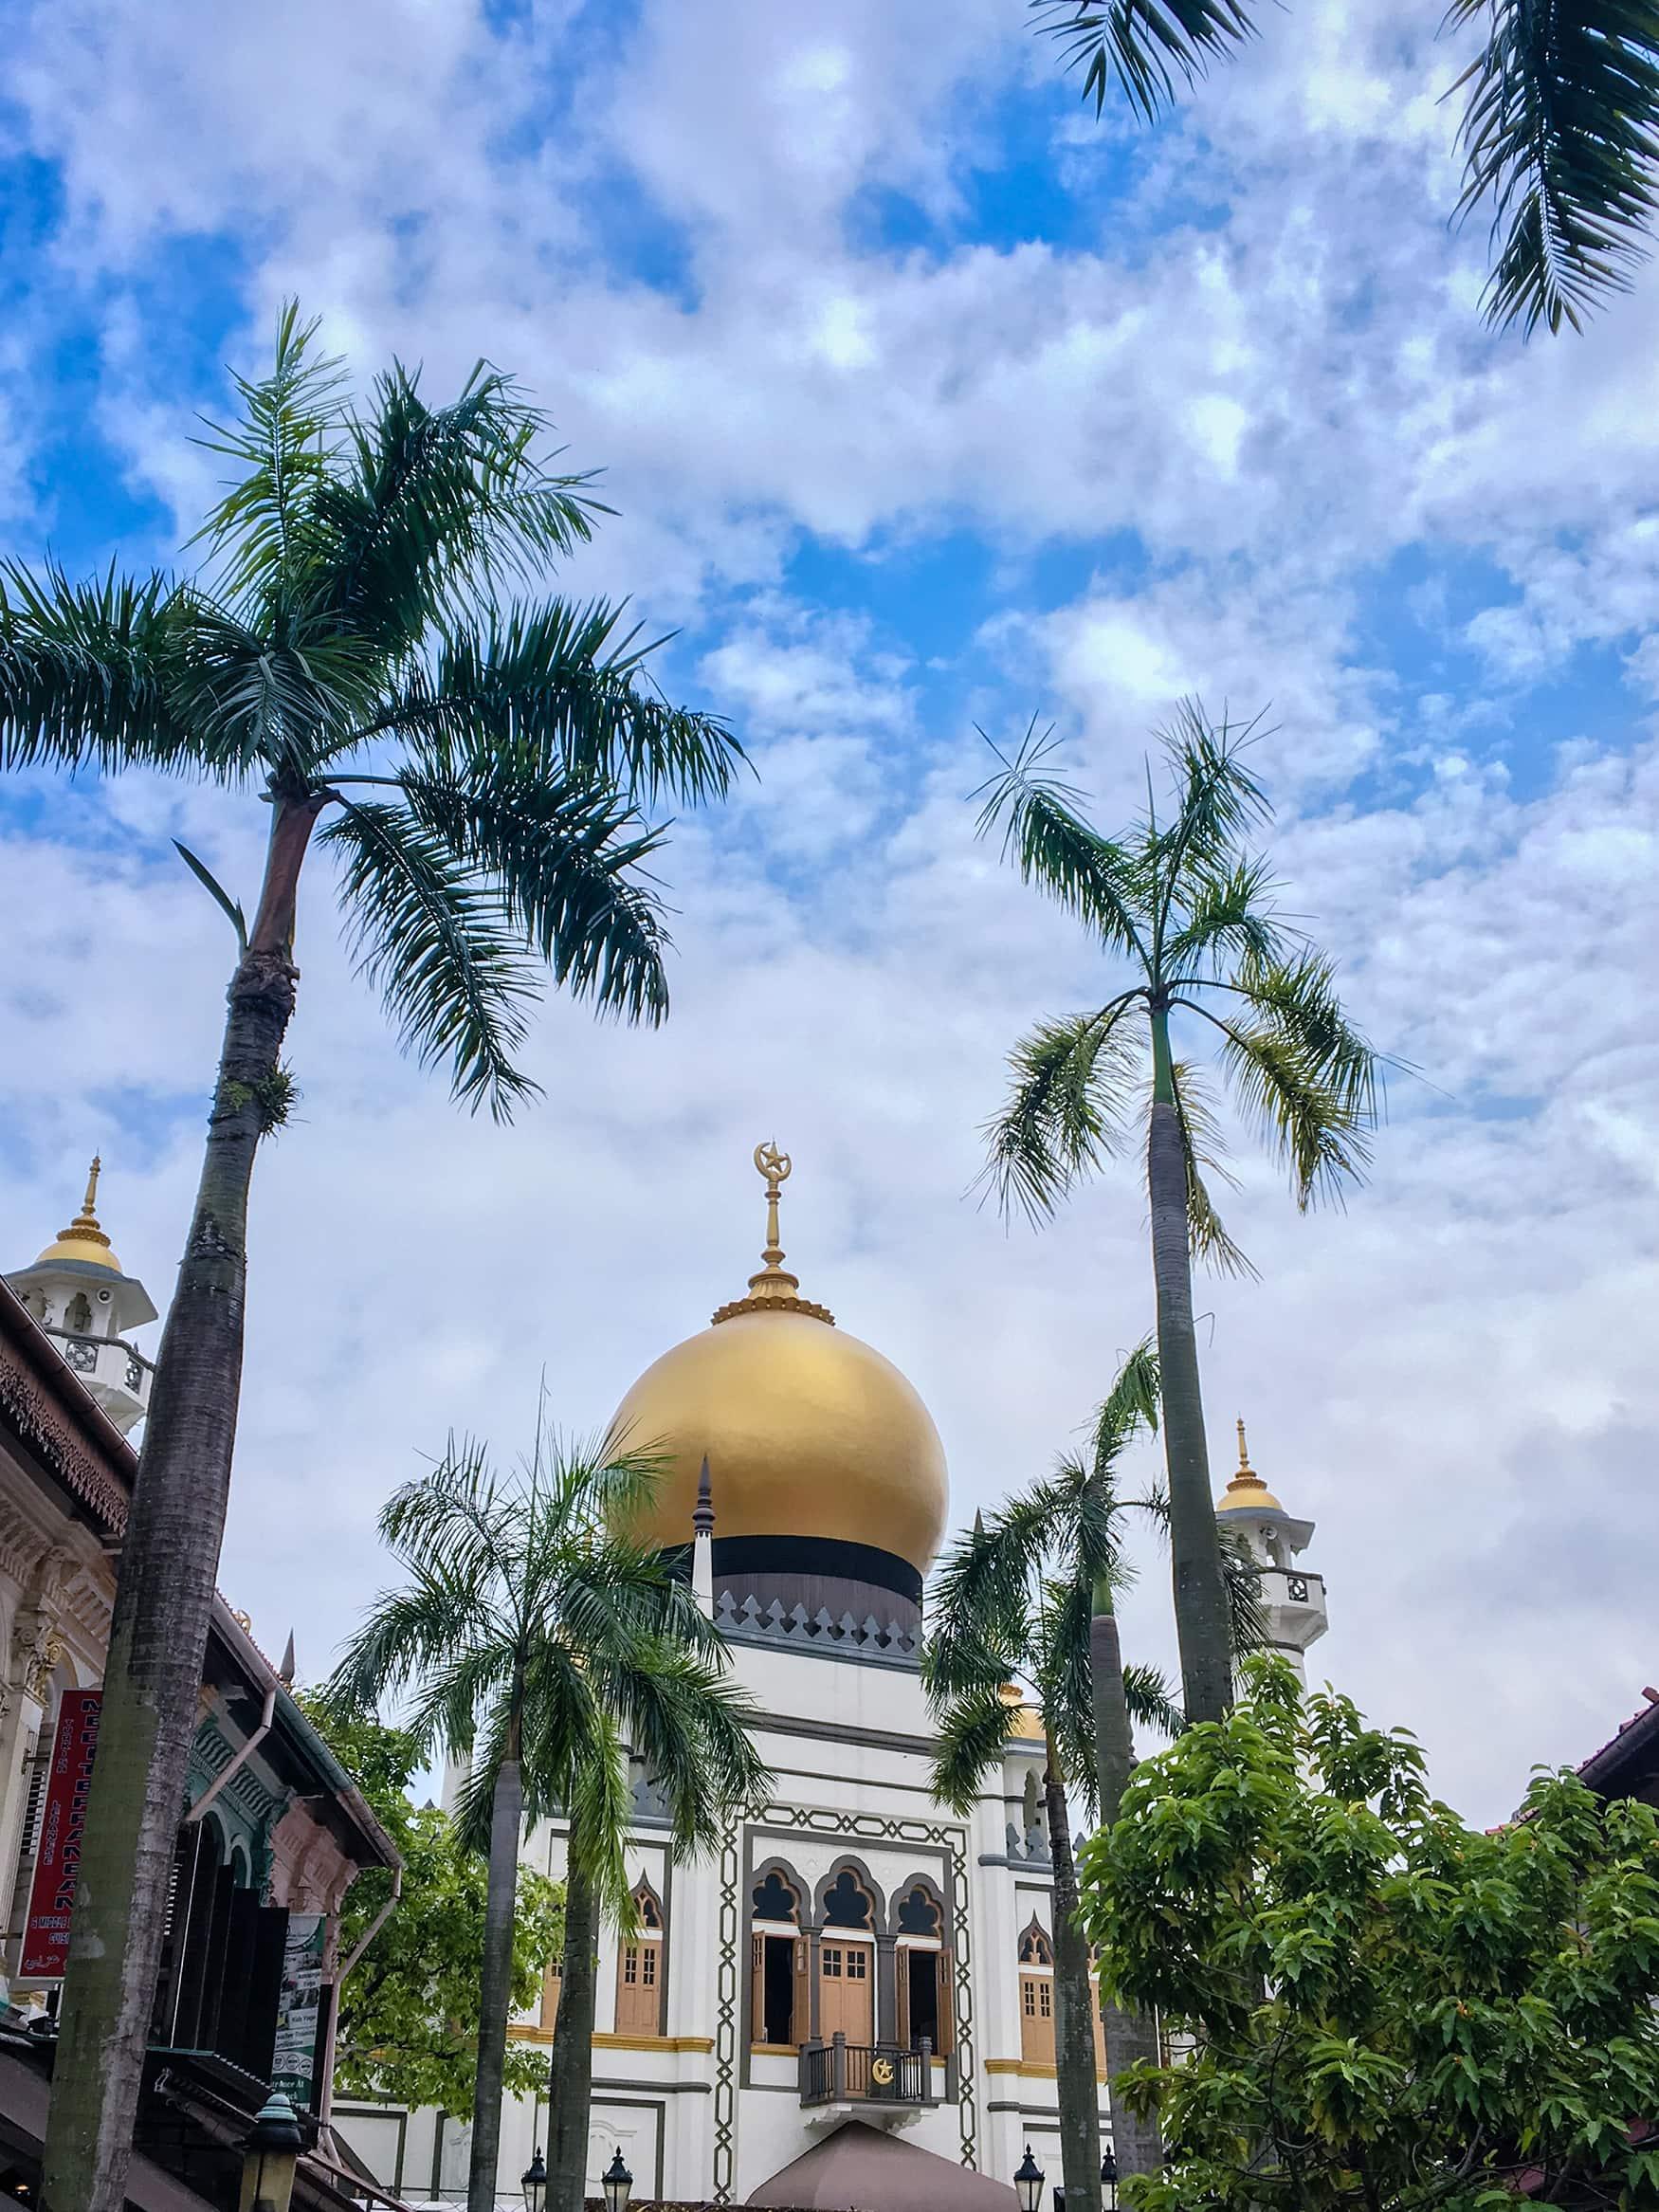 Sultan Moschee in Singapur von außen